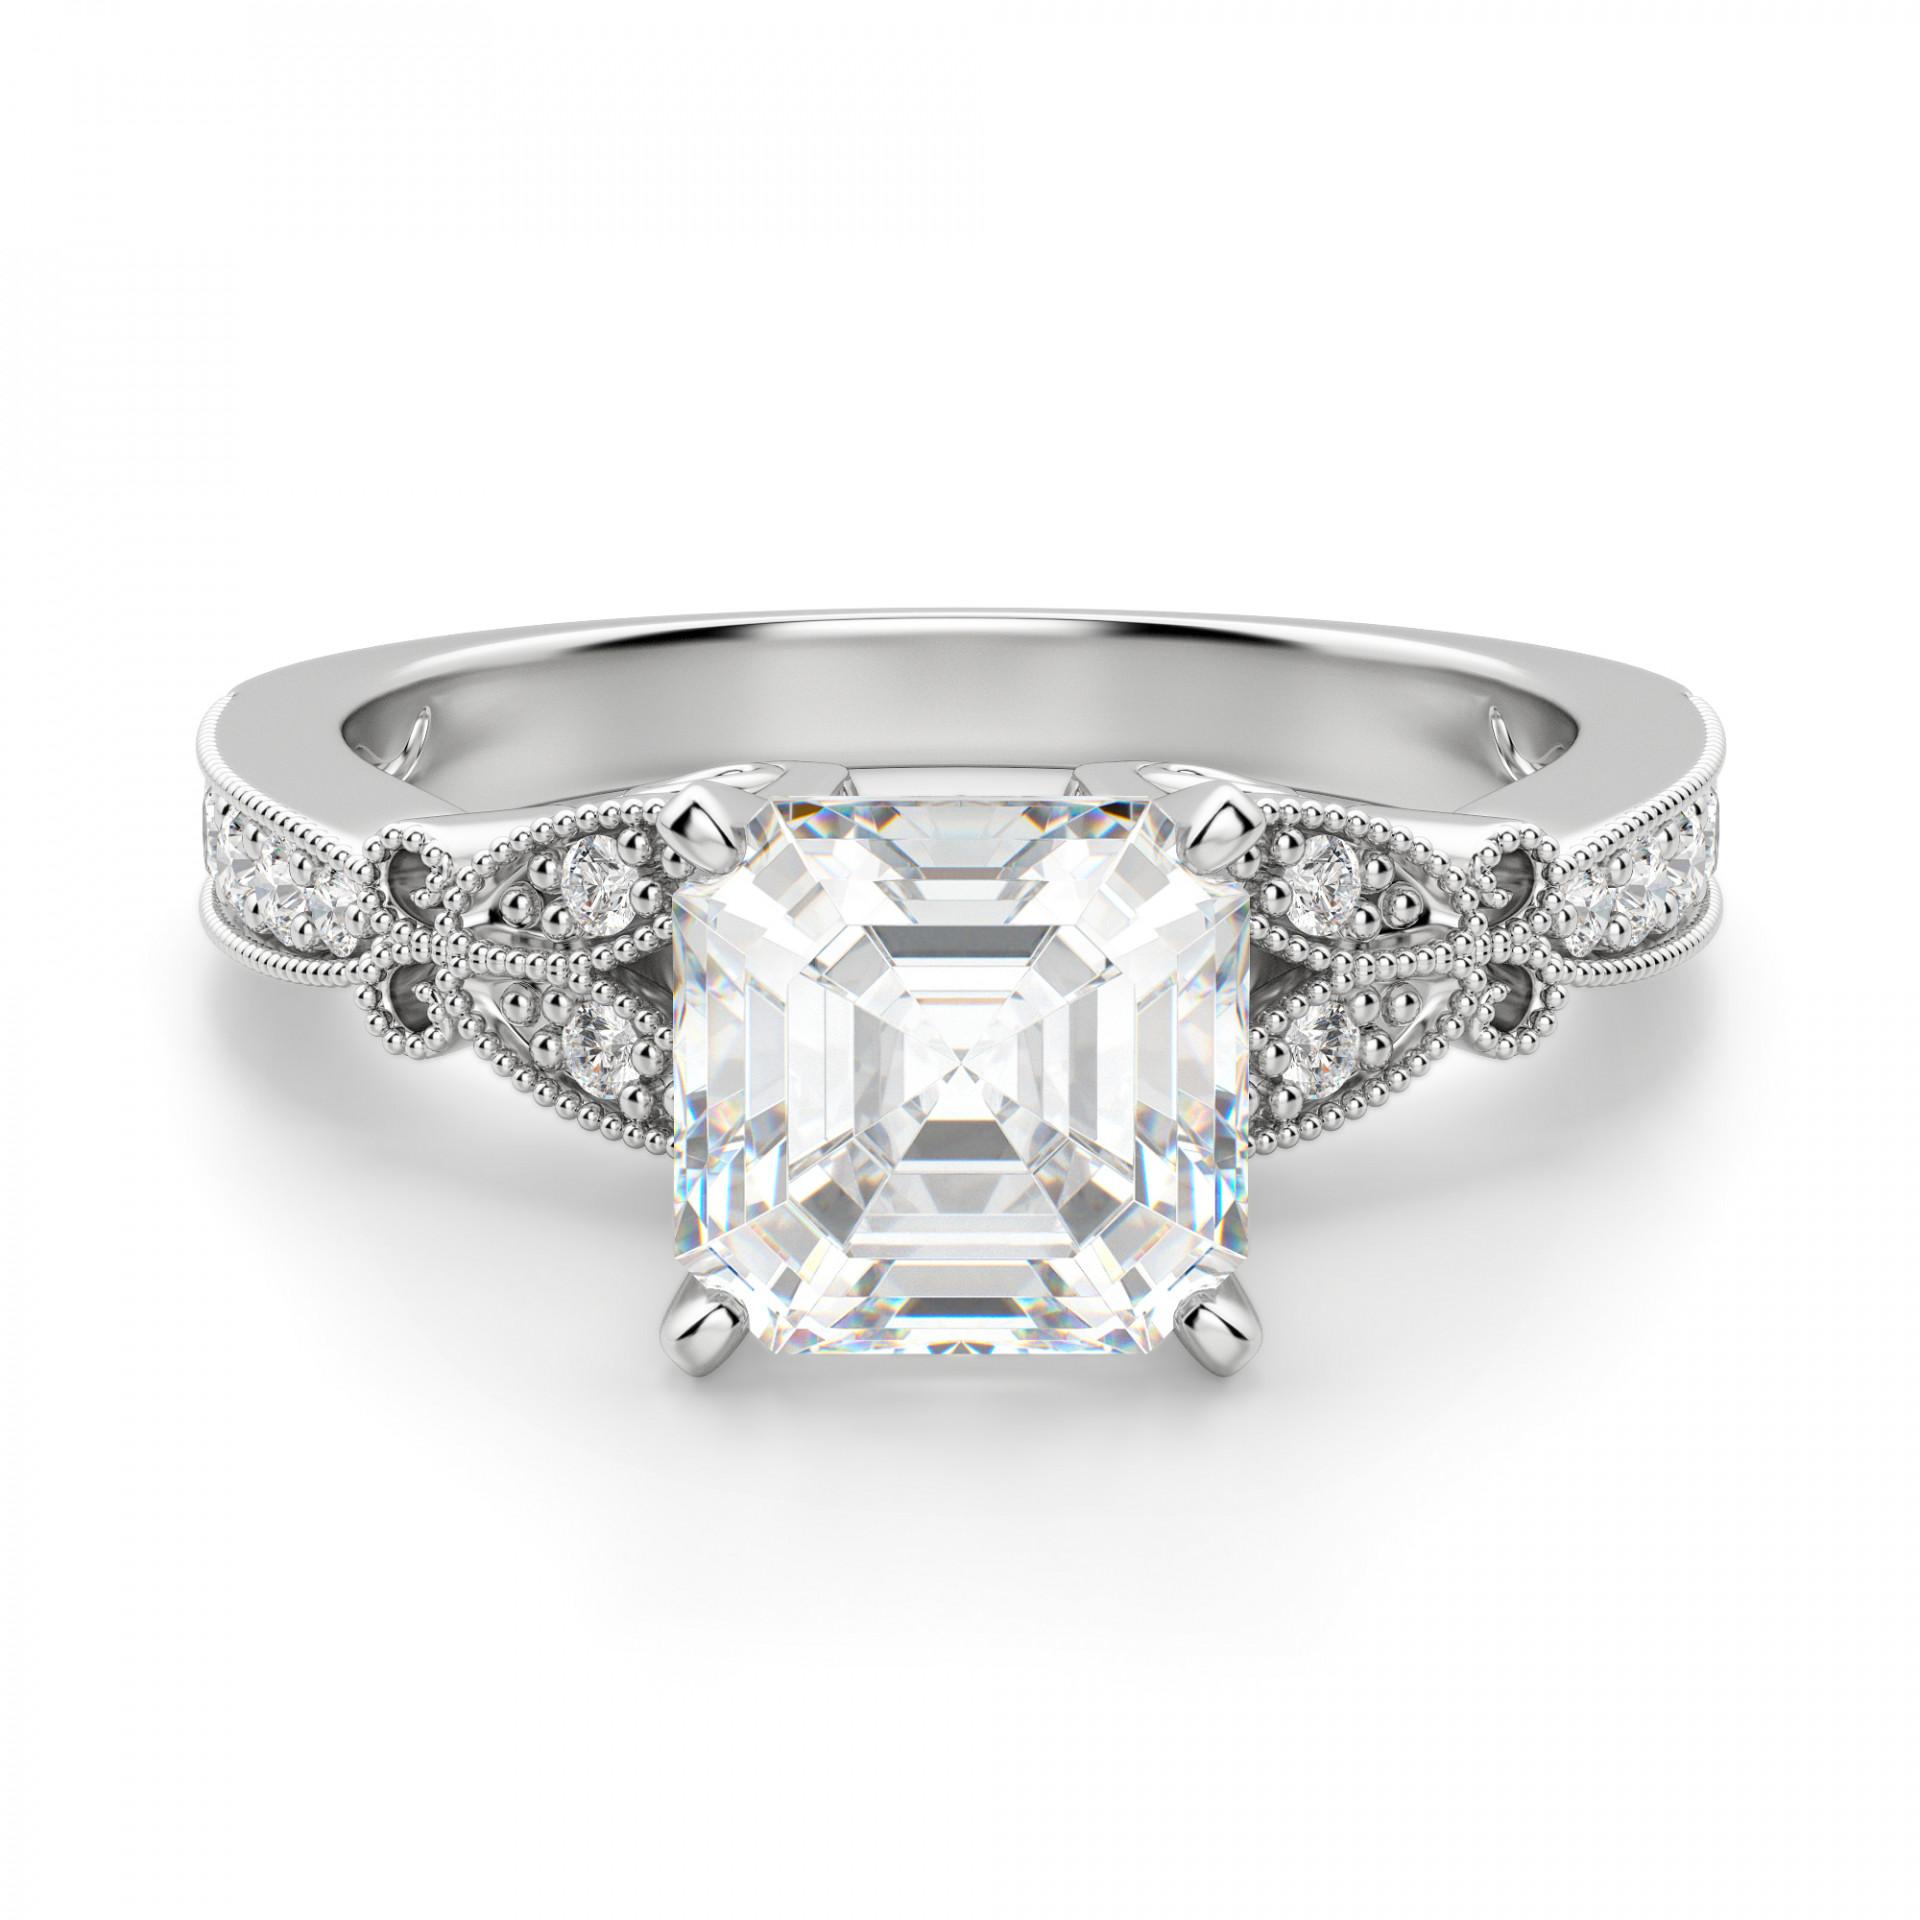 983406e4645 French Quarter Asscher Cut Engagement Ring